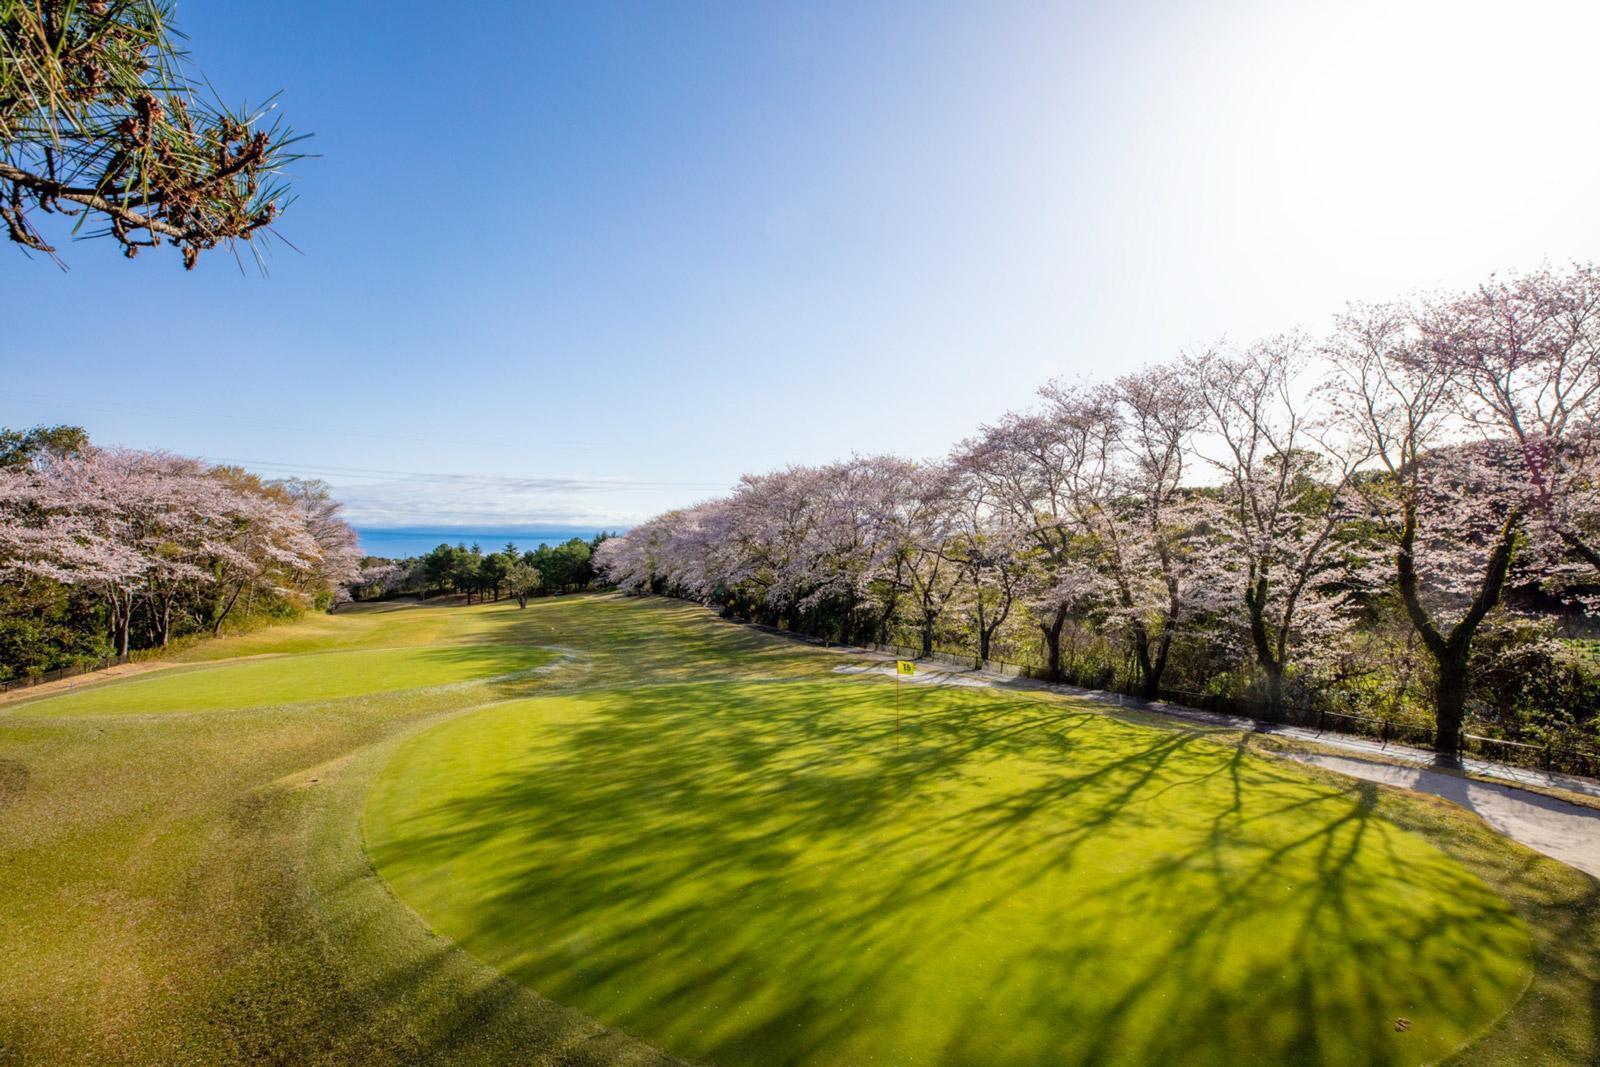 Hideki Matsuyama, chiến thắng đỉnh cao của golf Nhật Bản-3